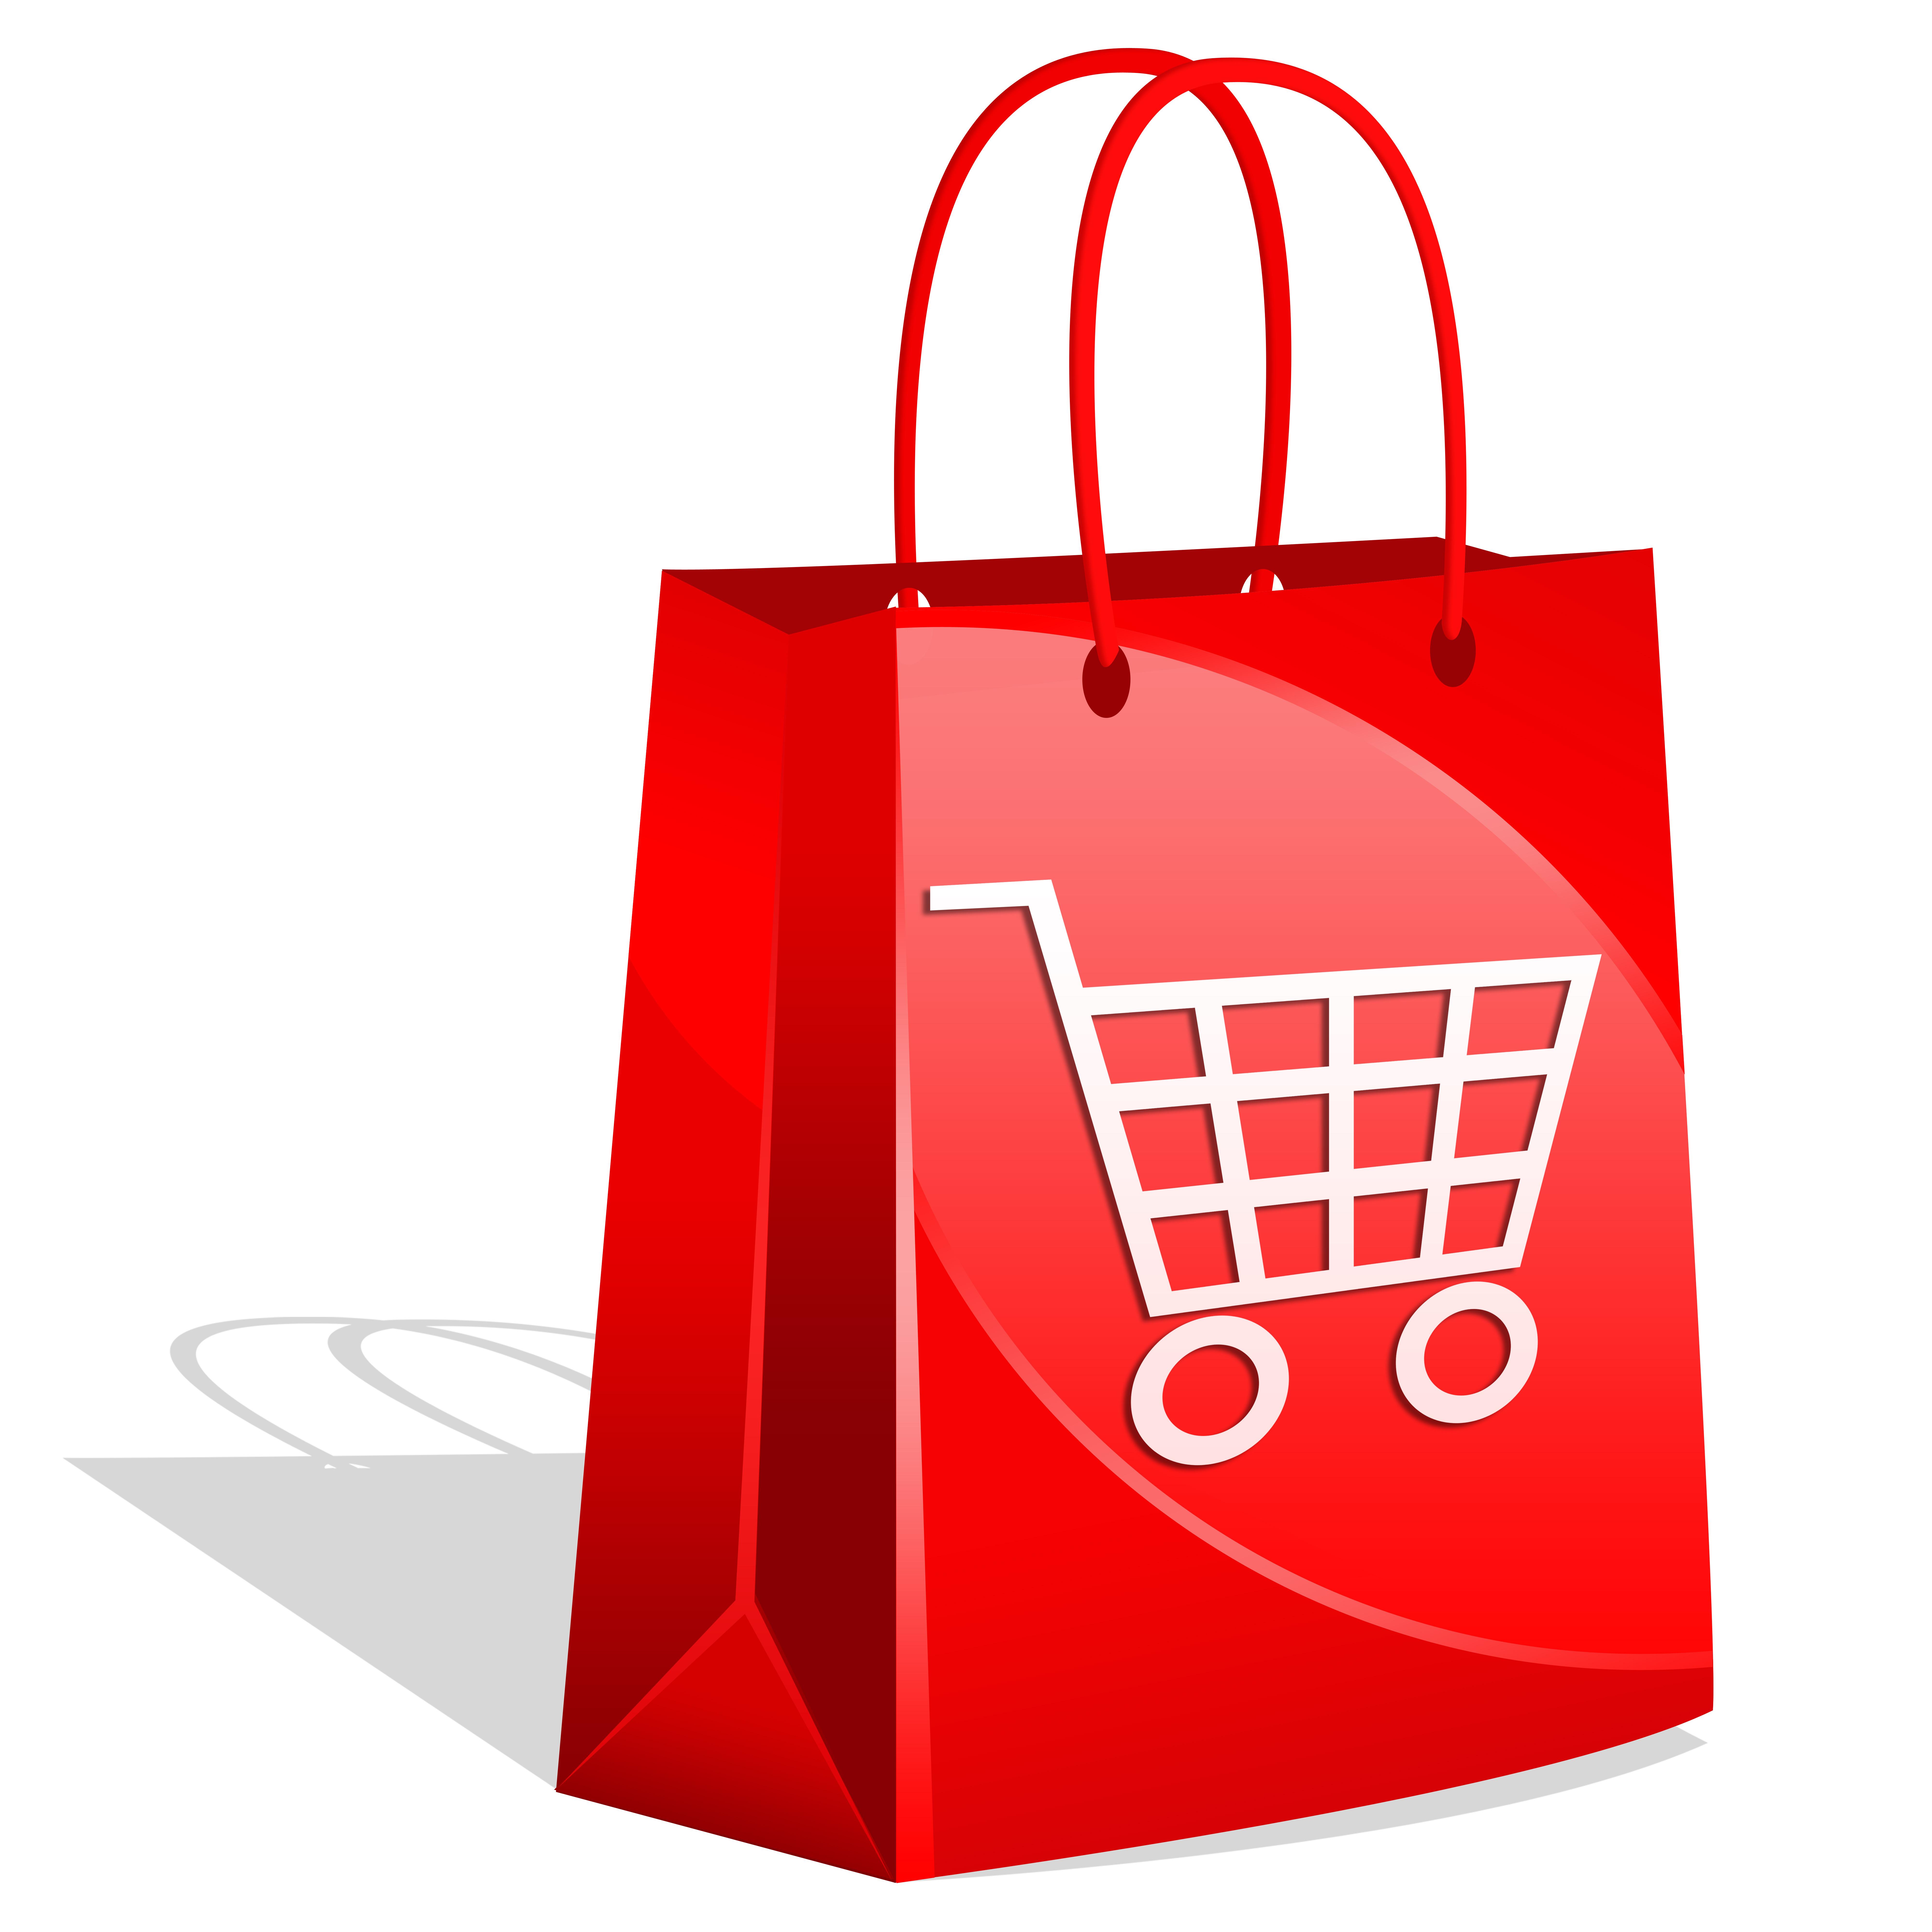 shopping bag images. Black Bedroom Furniture Sets. Home Design Ideas